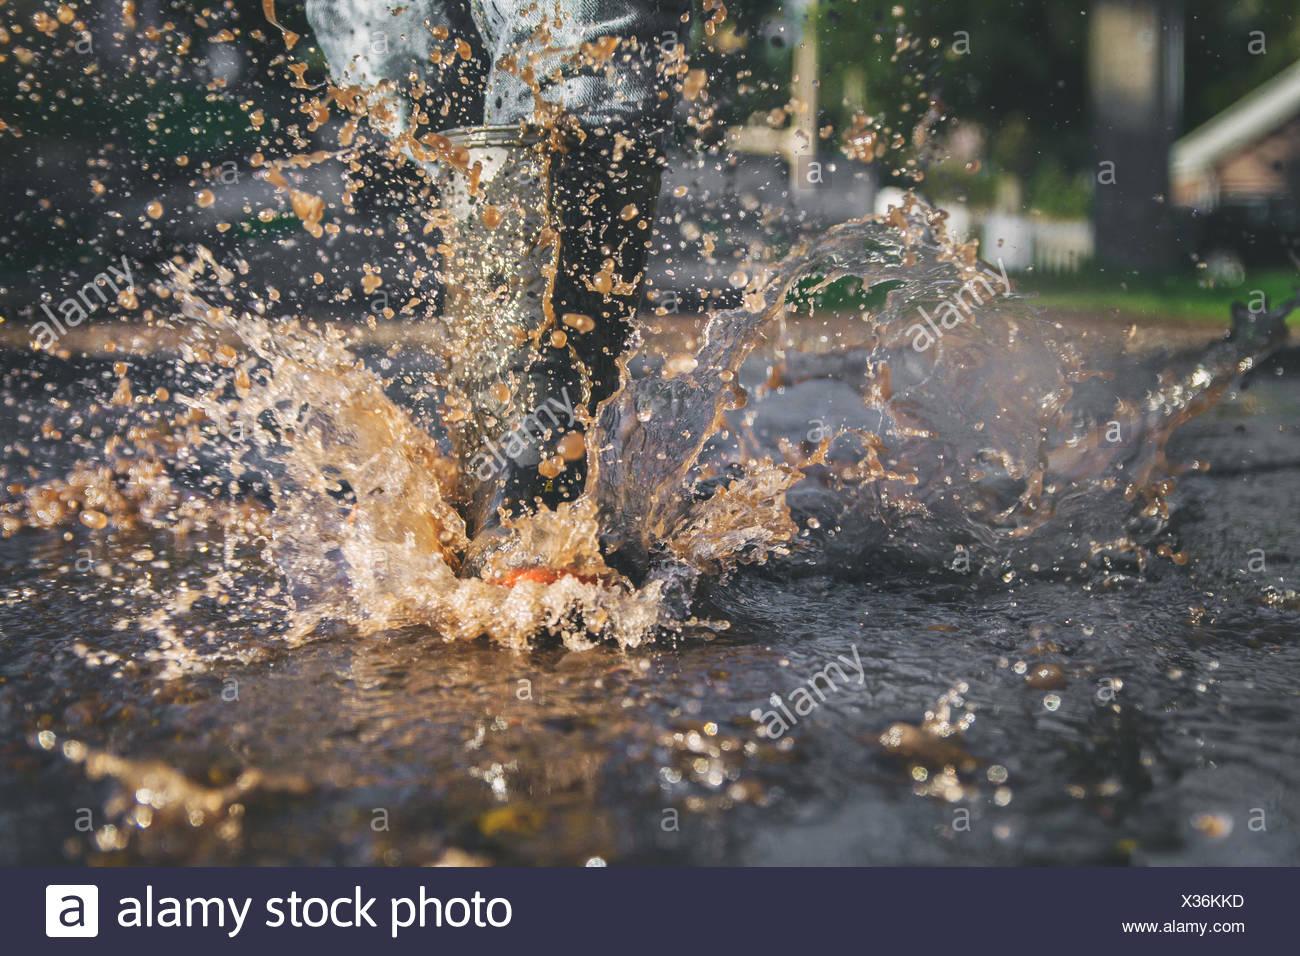 Cerca de las piernas del niño chapotear en un charco de agua Imagen De Stock